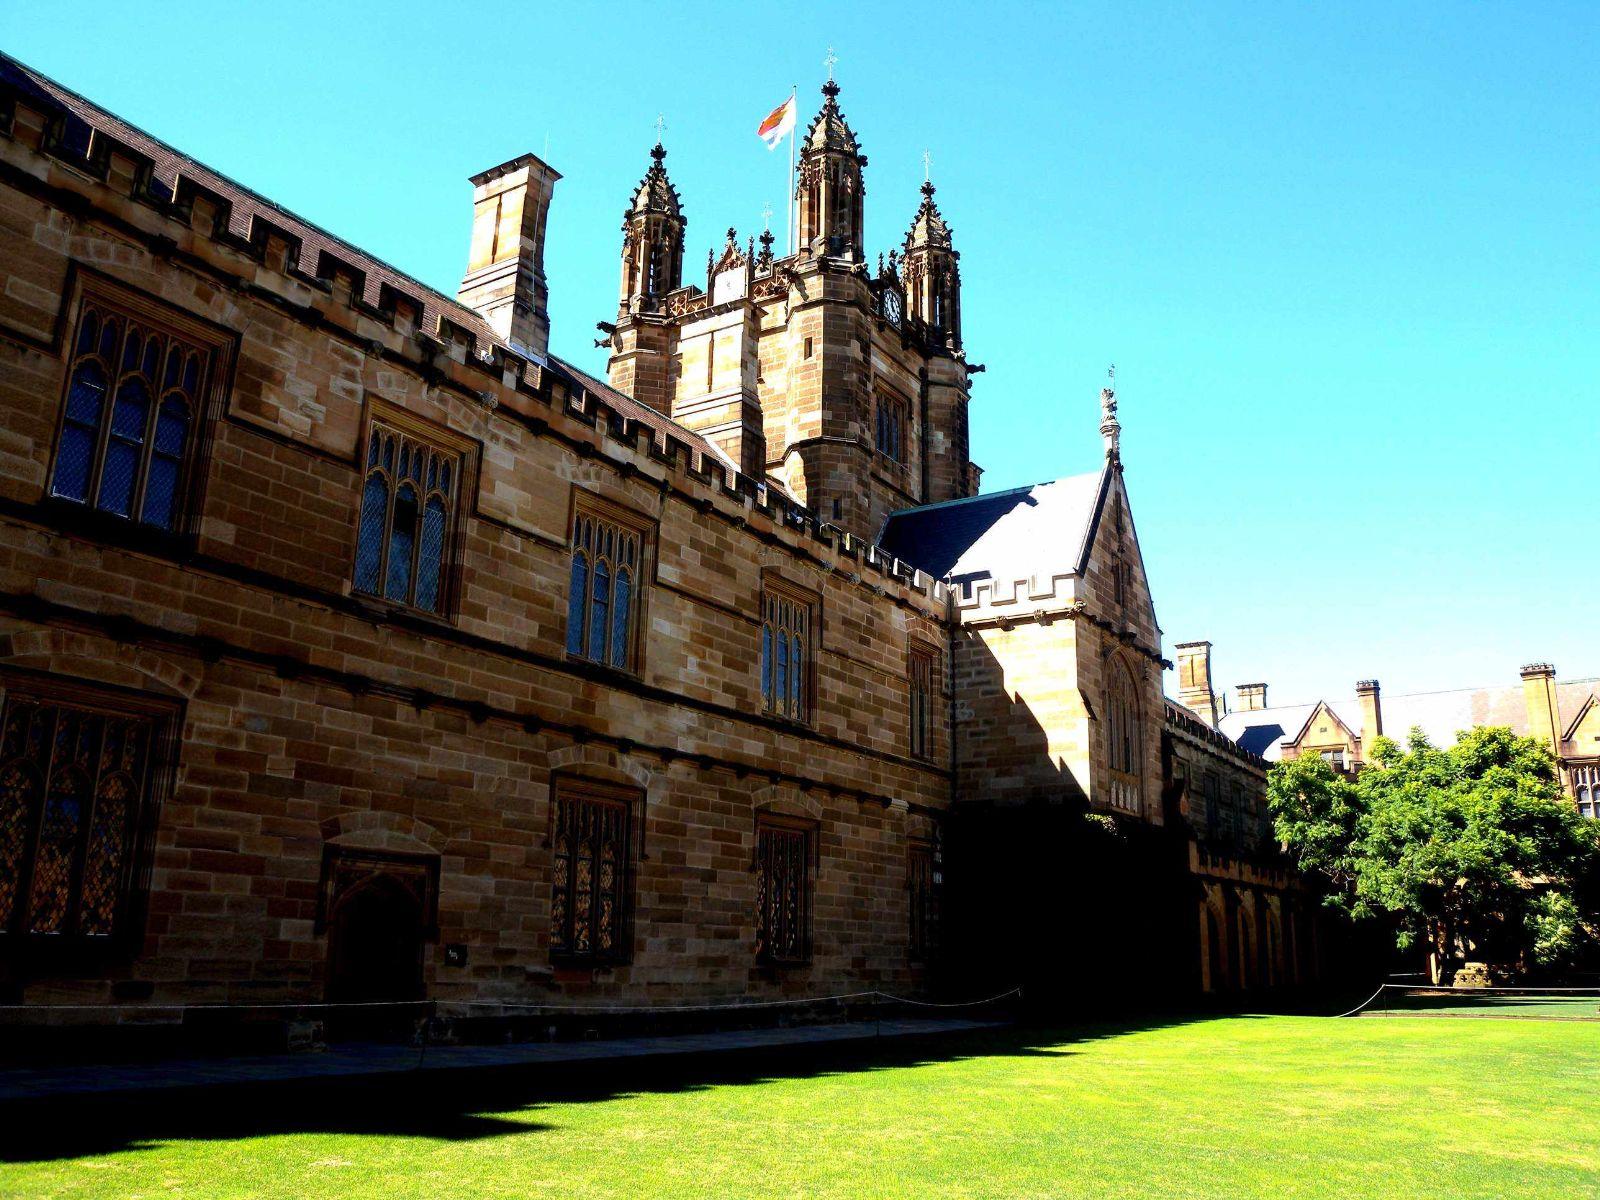 考研出国,考研后留学澳洲,考研留学方案,澳洲研究生优势,澳洲留学申请